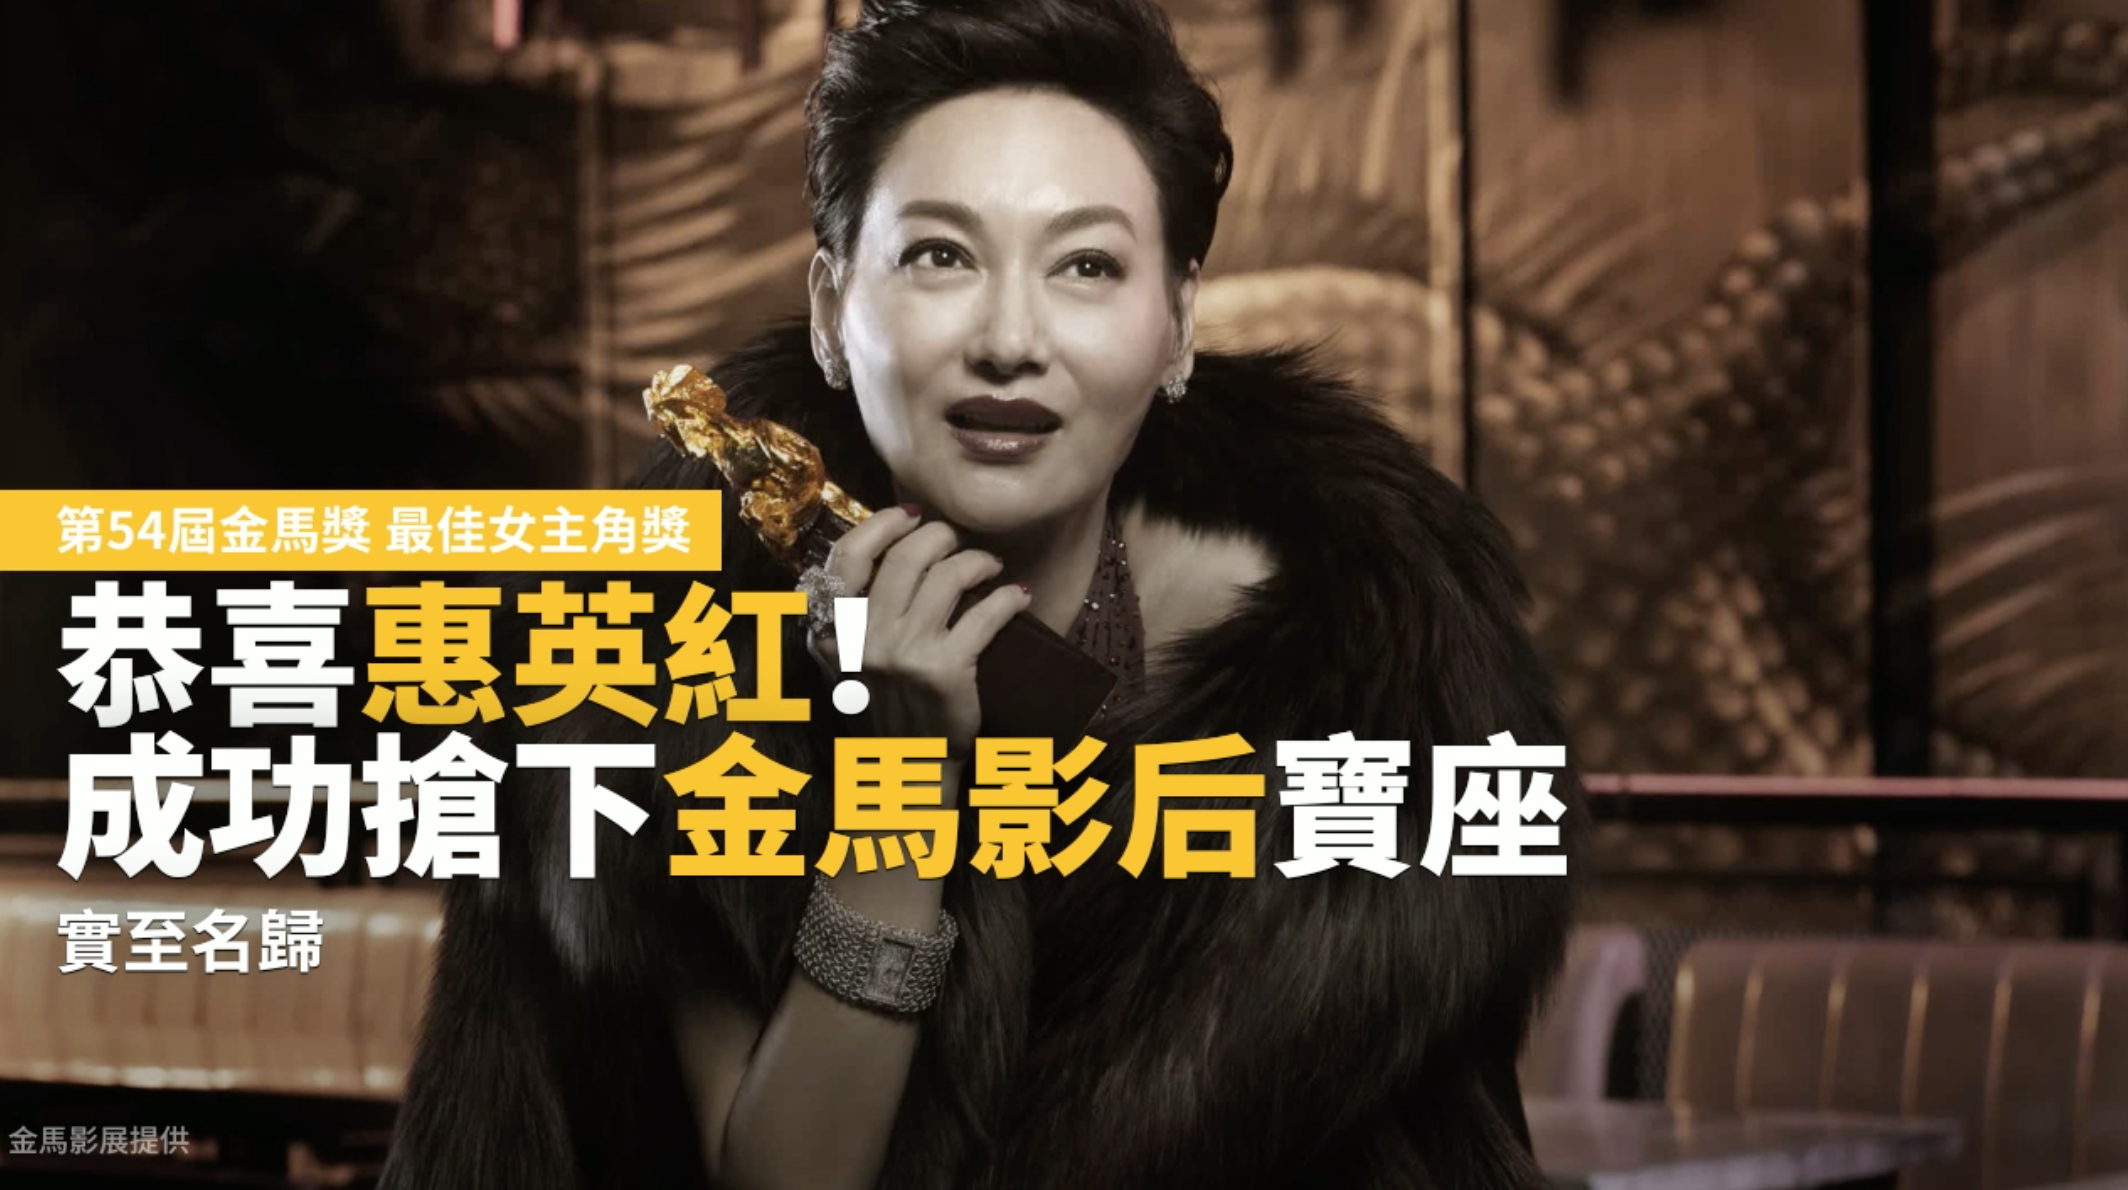 金馬54/最佳女主角:惠英紅《血觀音》演技爆棚